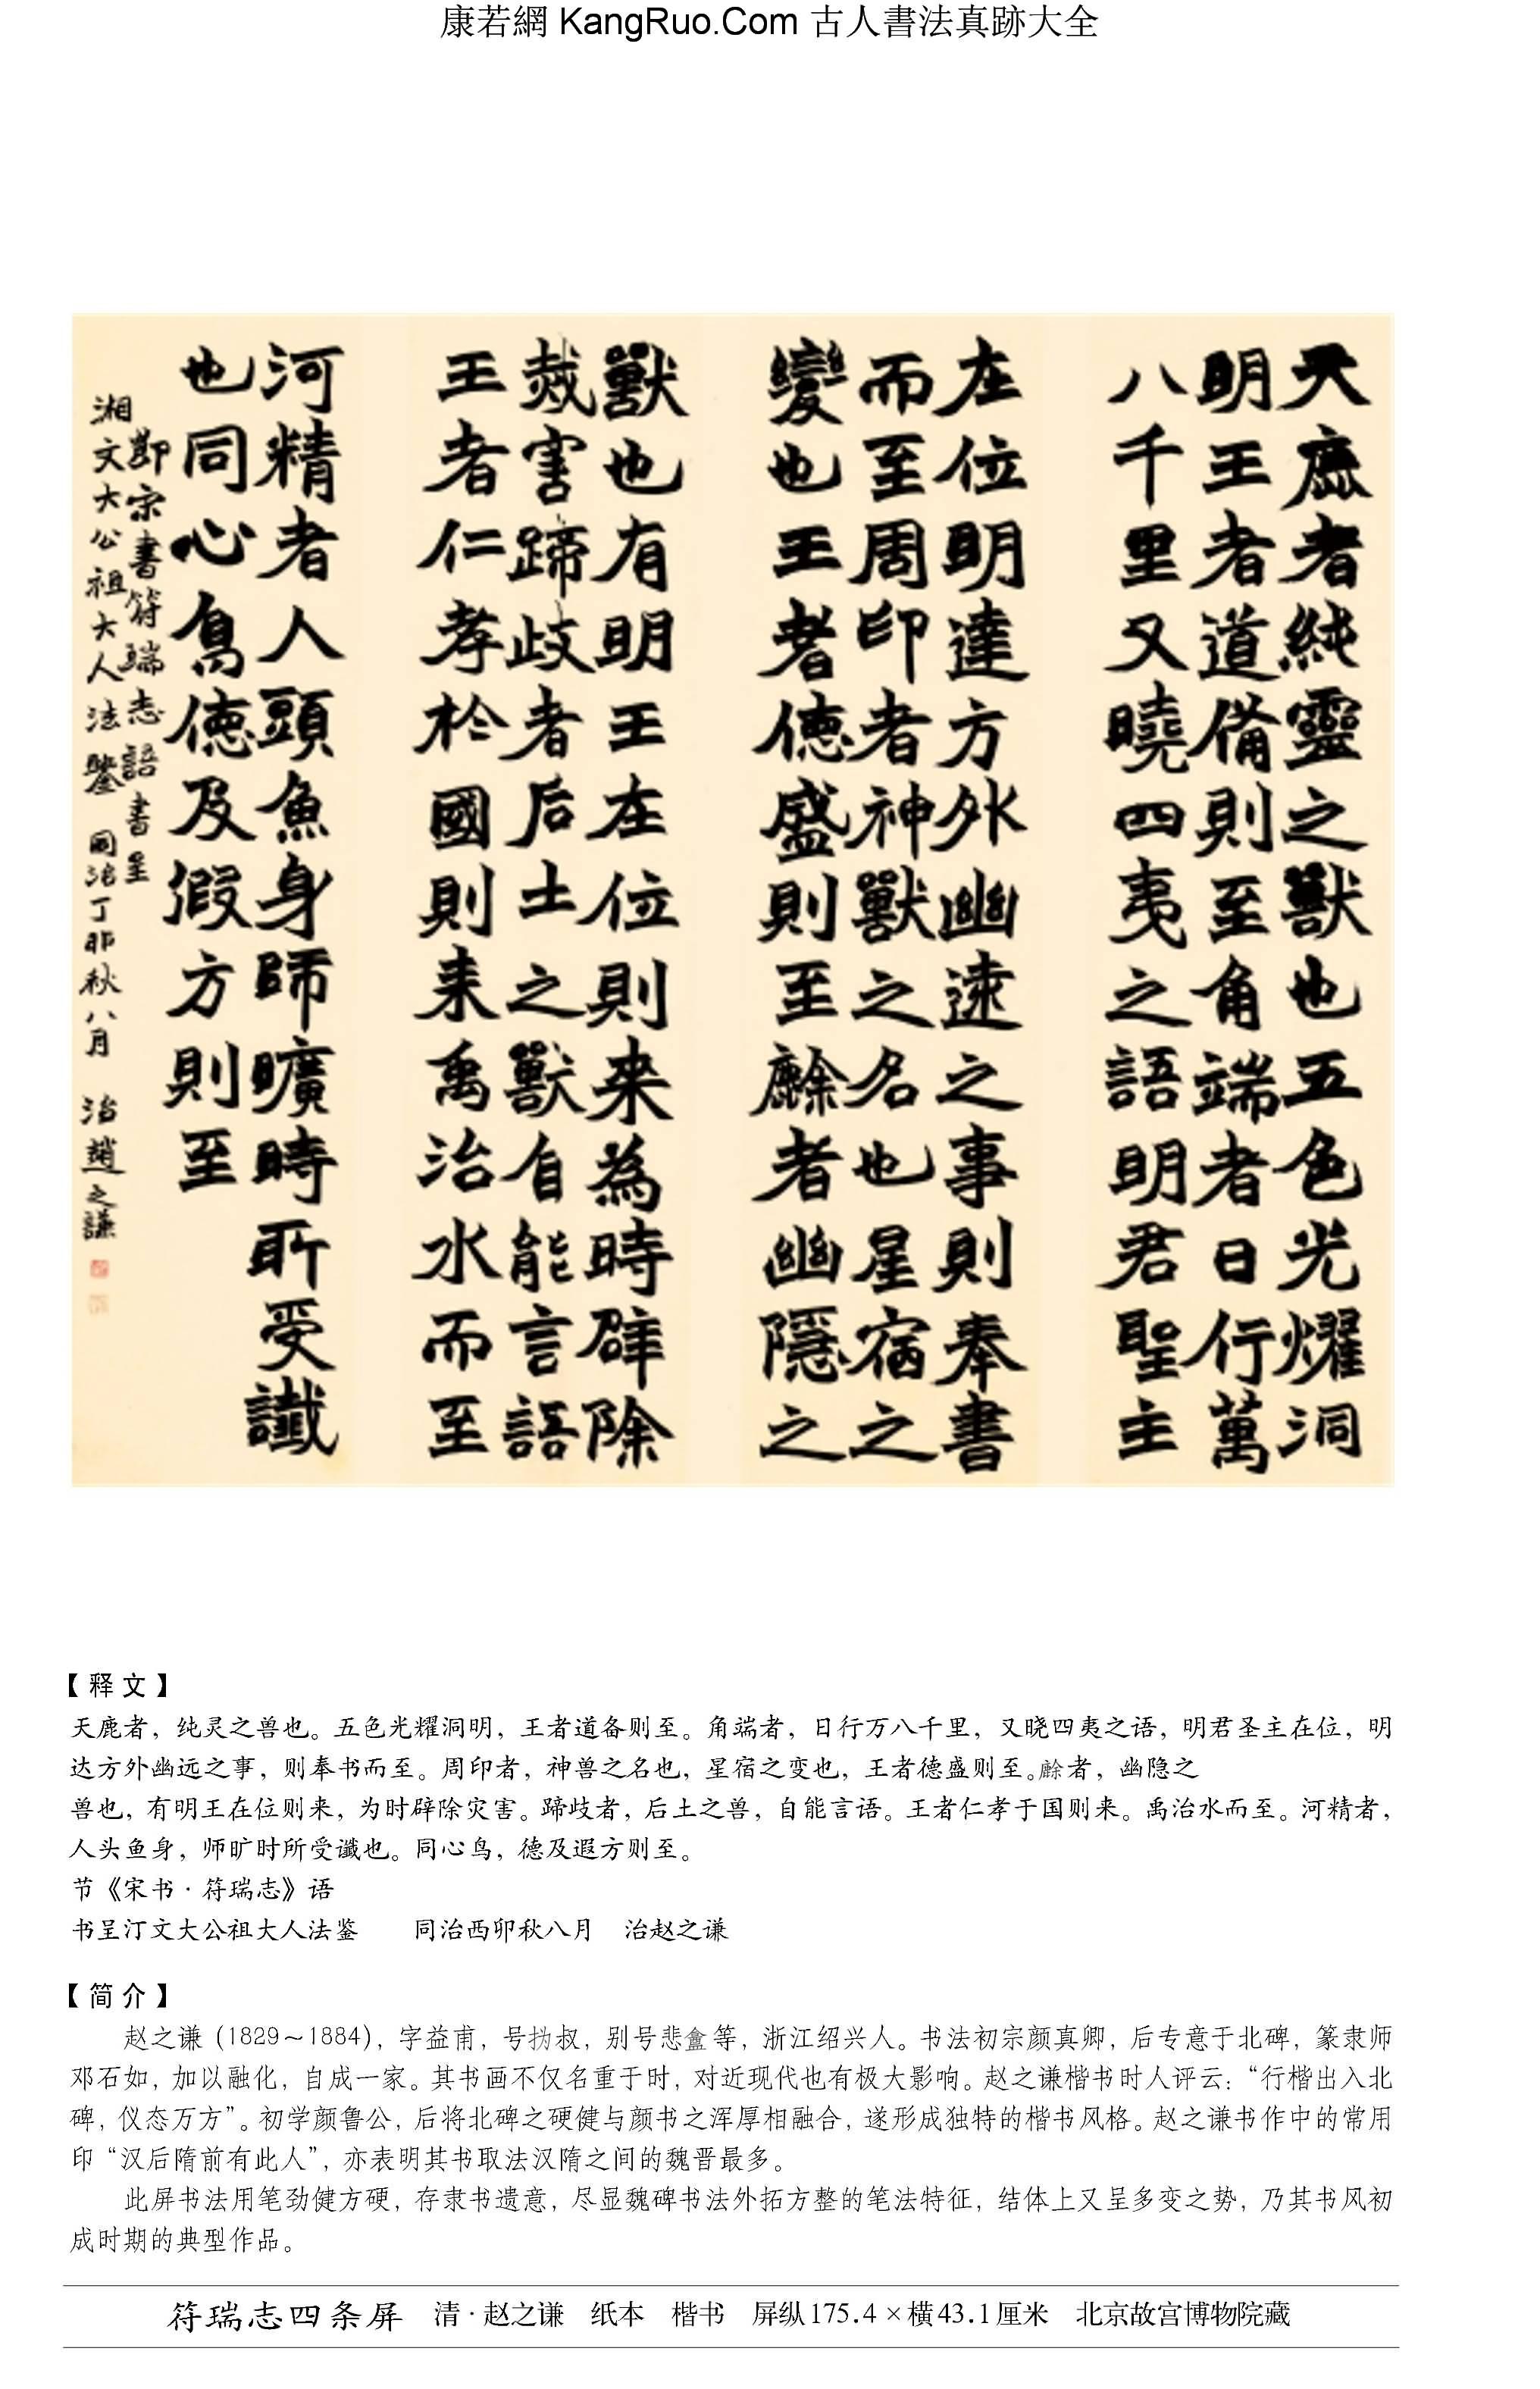 《符瑞志四條屏》書法真跡(楷書)【清朝·趙之謙】_00233